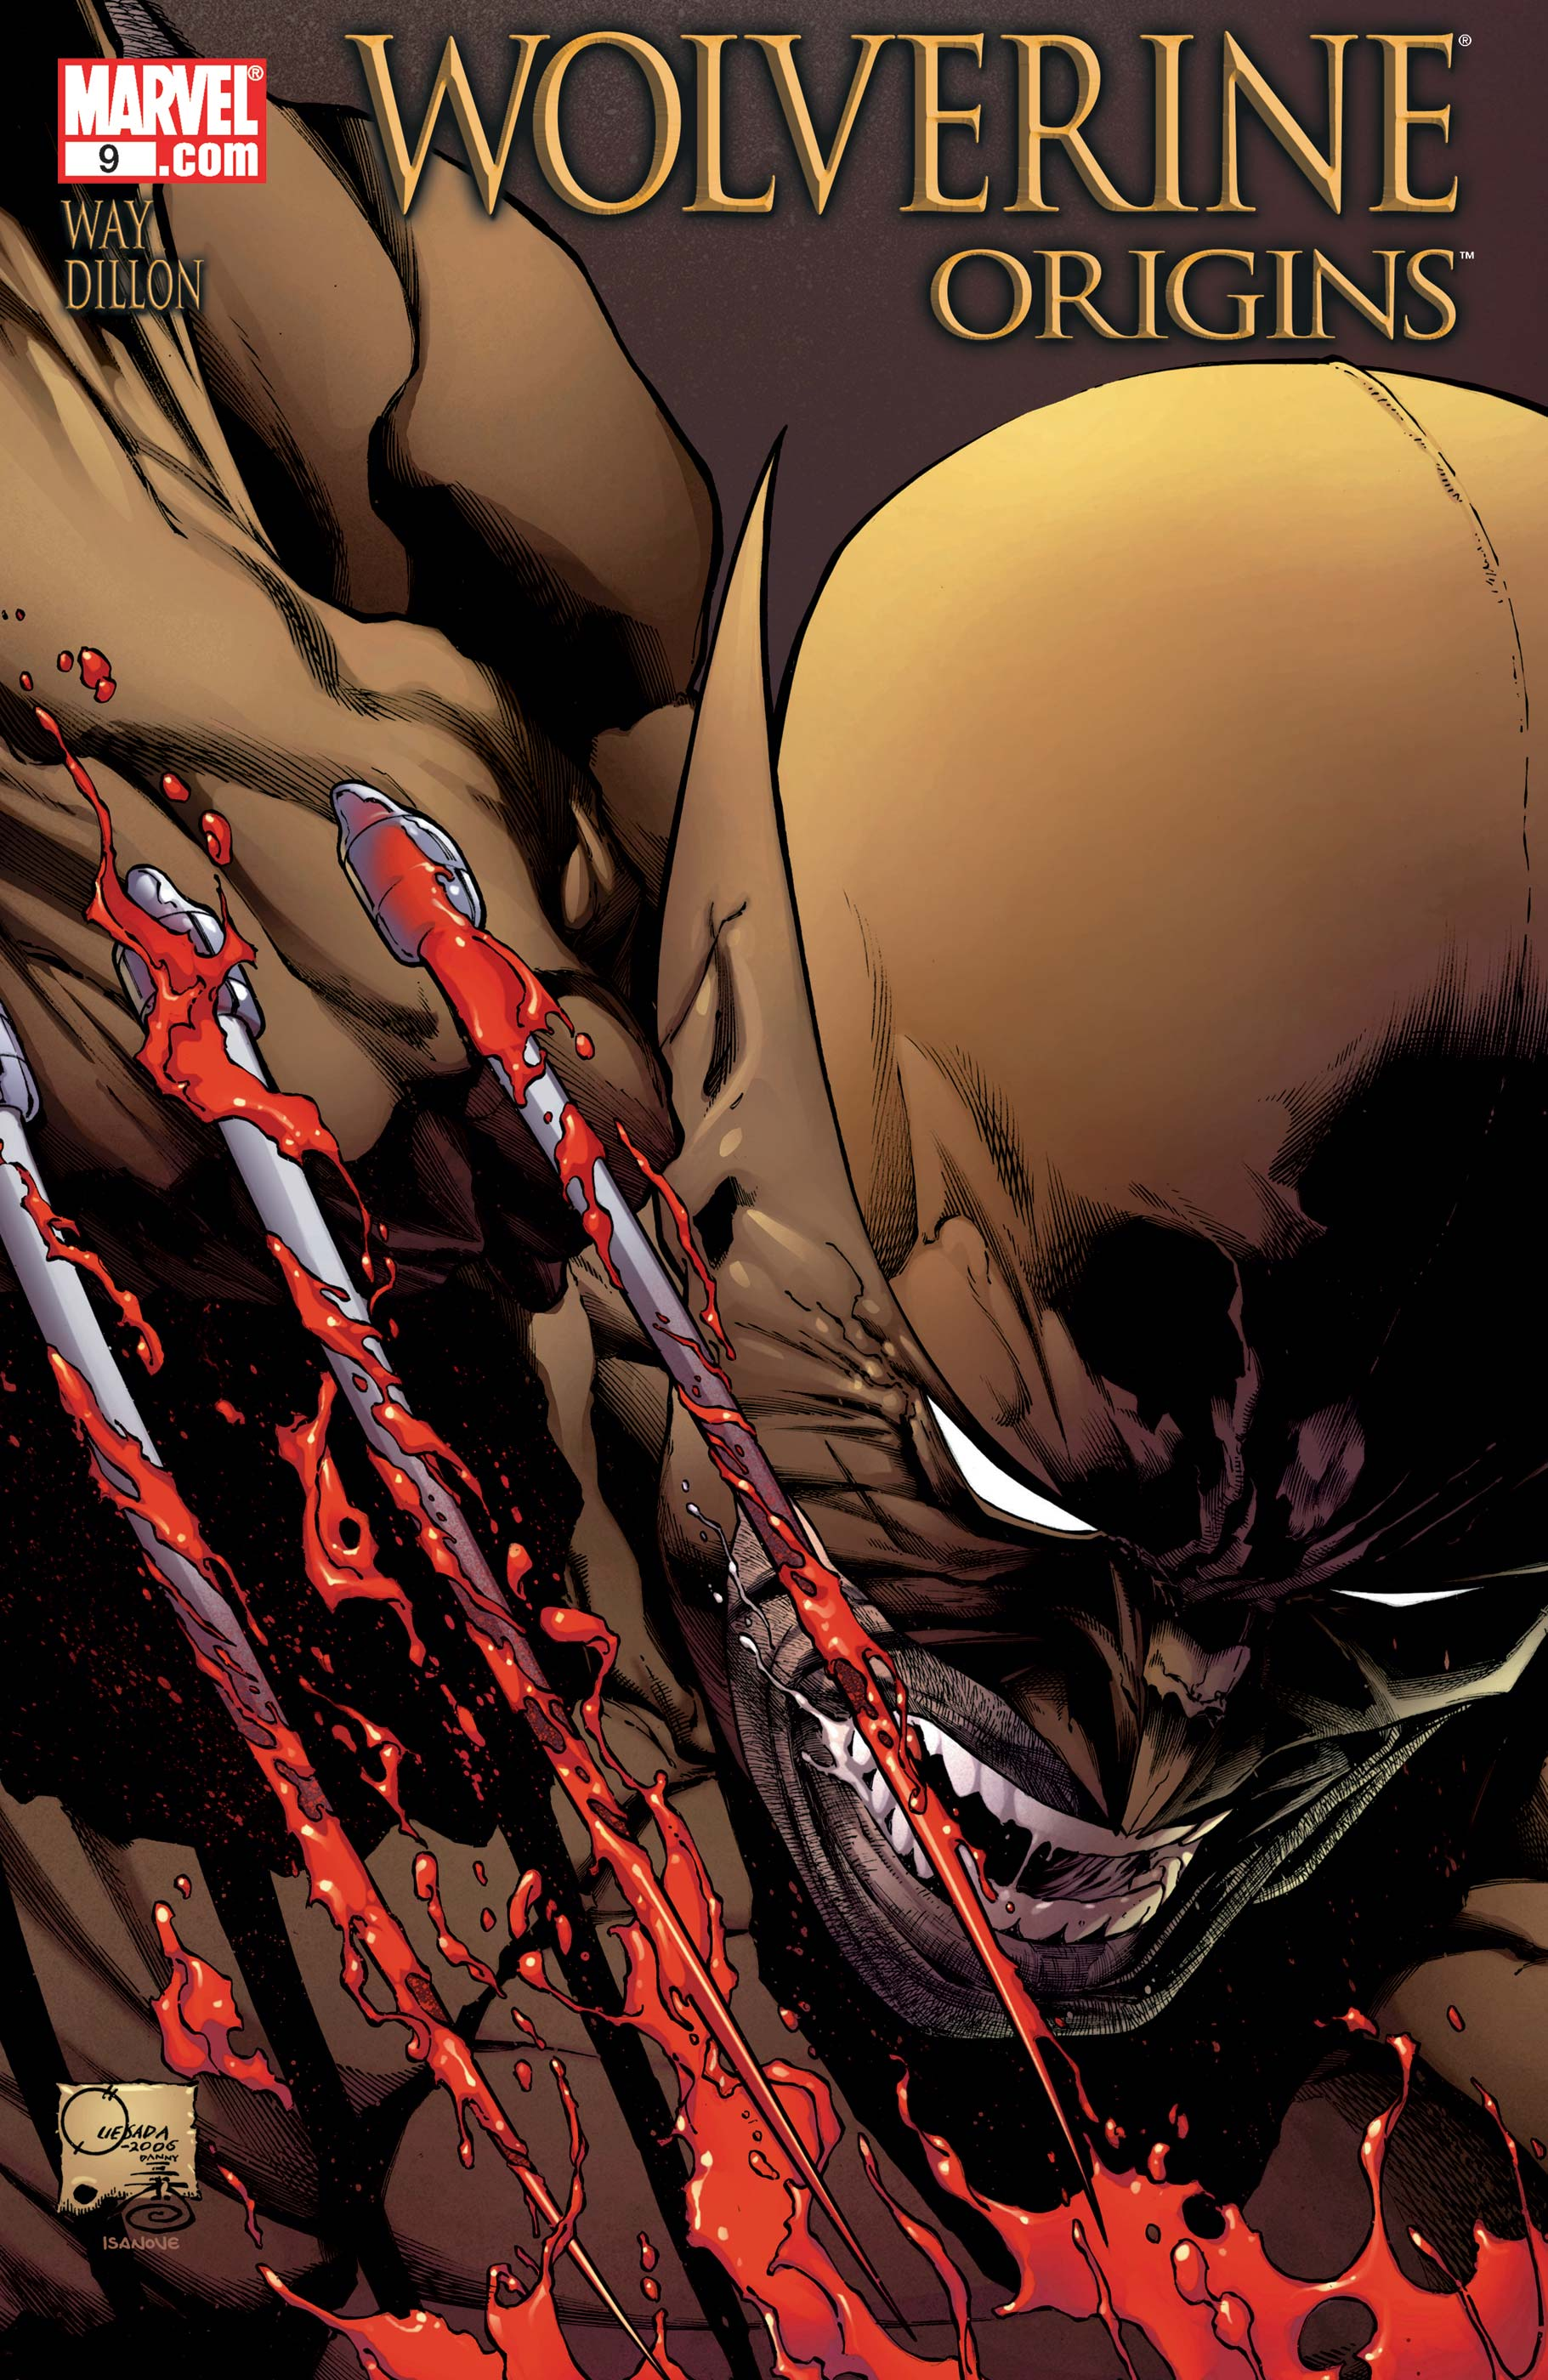 Wolverine Origins (2006) #9